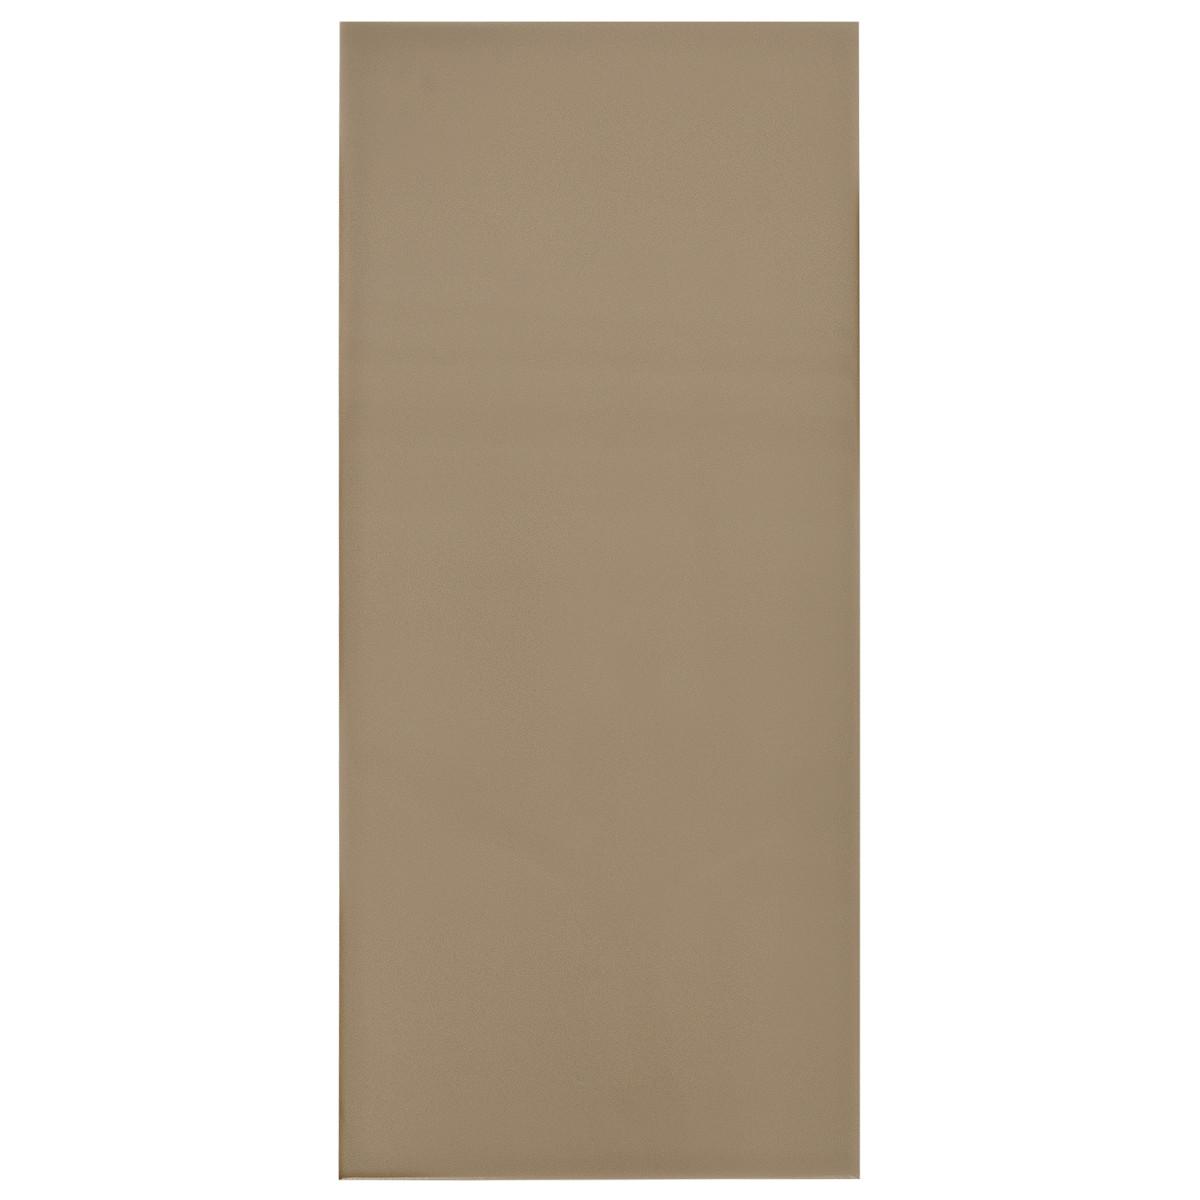 Плитка настенная Капучино 20х45 см 1.08 м2 цвет коричневый